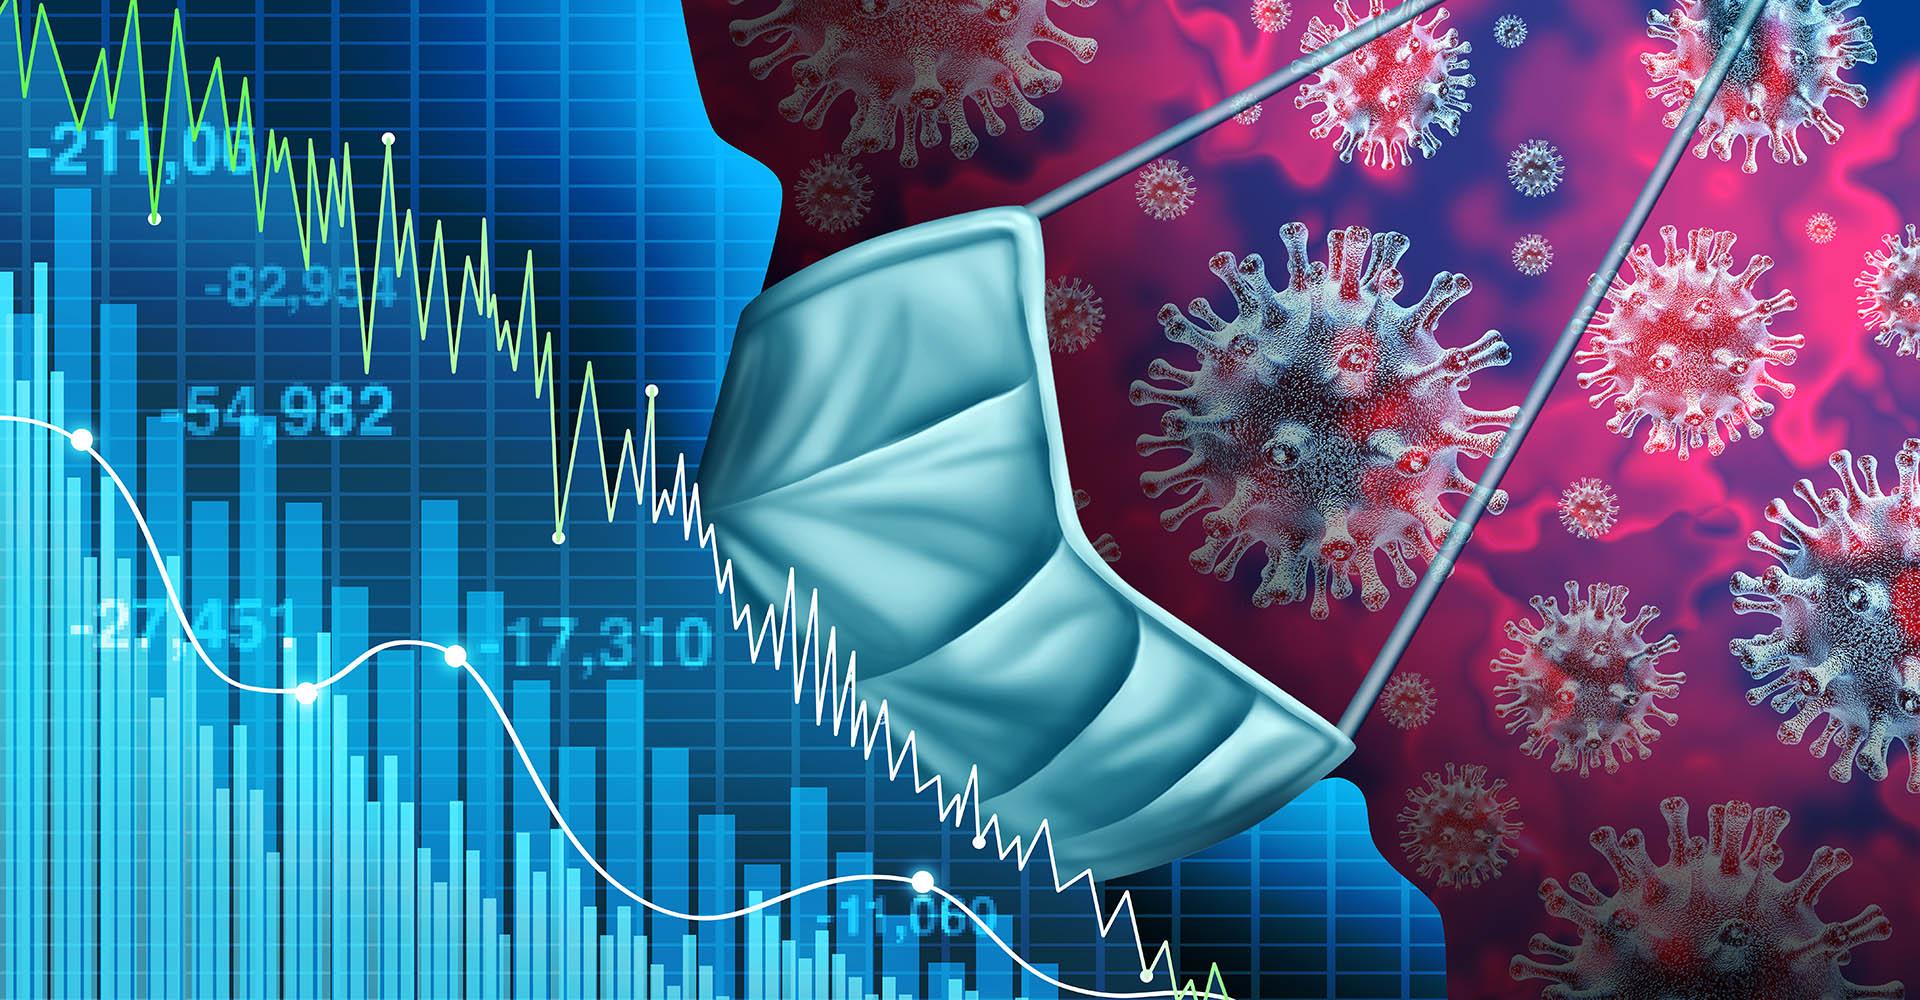 Влияние коронавируса на финансовые рынки